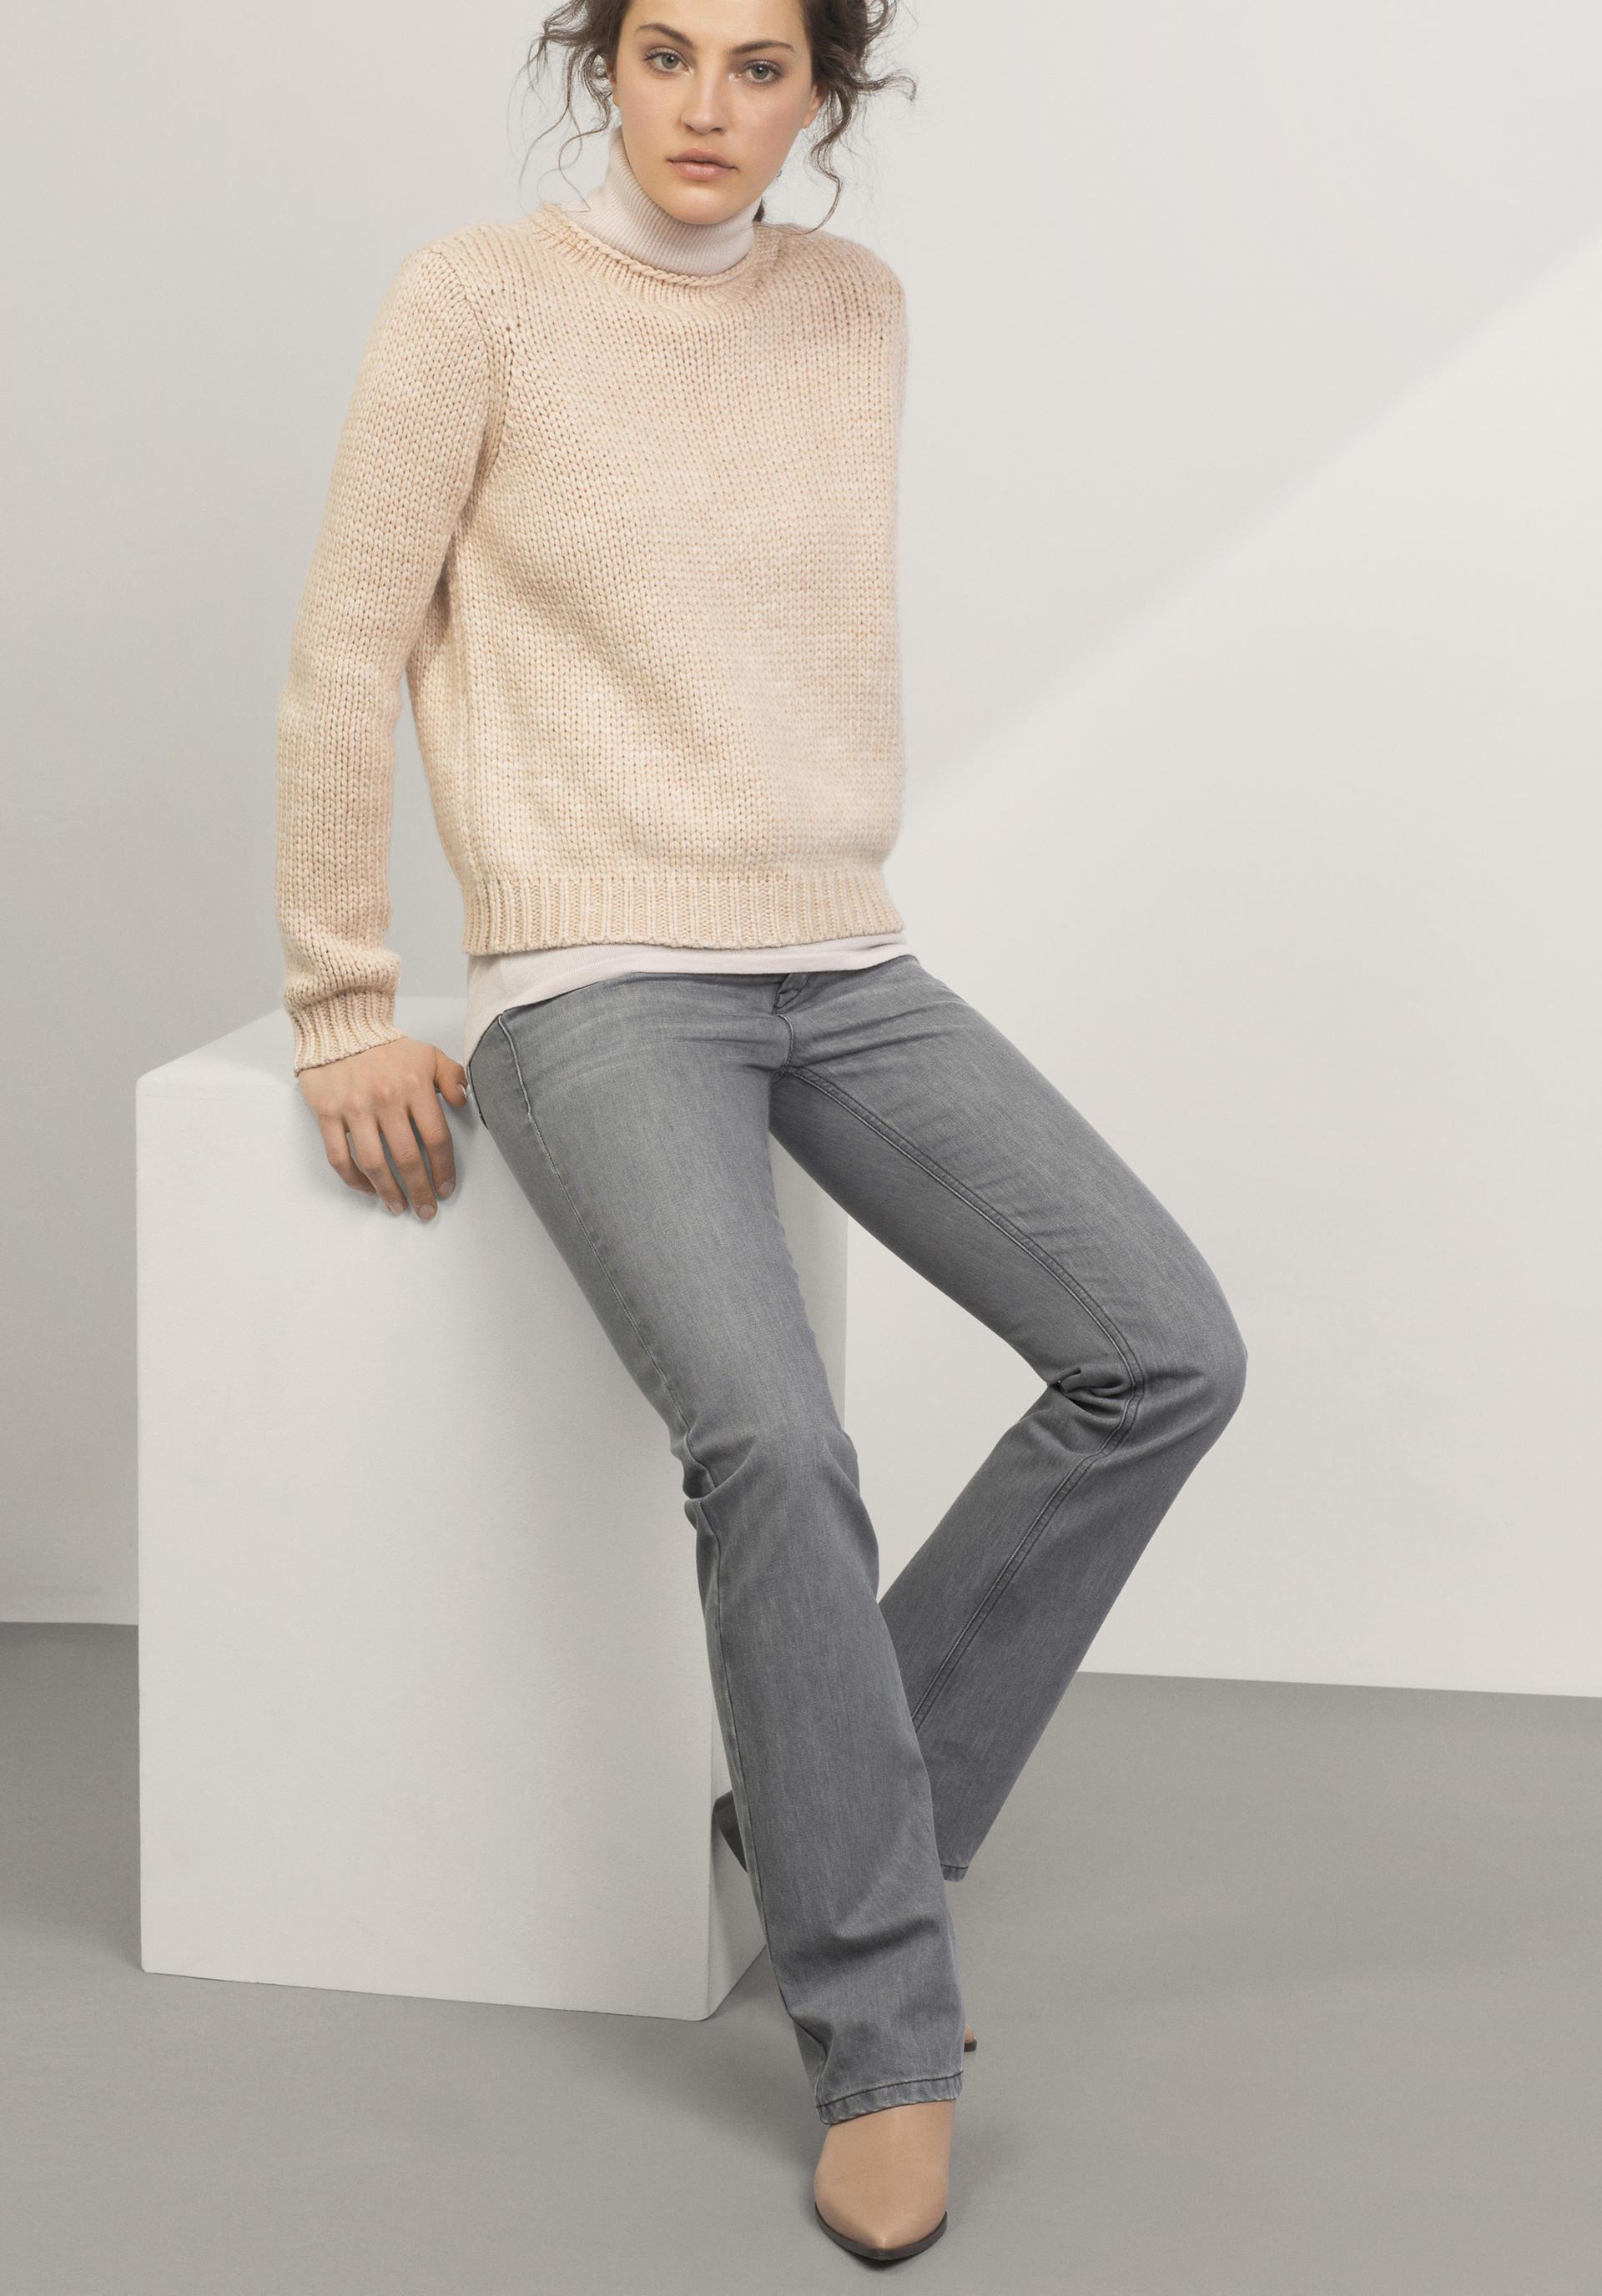 sale g nstige bio damen jeans online kaufen hessnatur deutschland. Black Bedroom Furniture Sets. Home Design Ideas